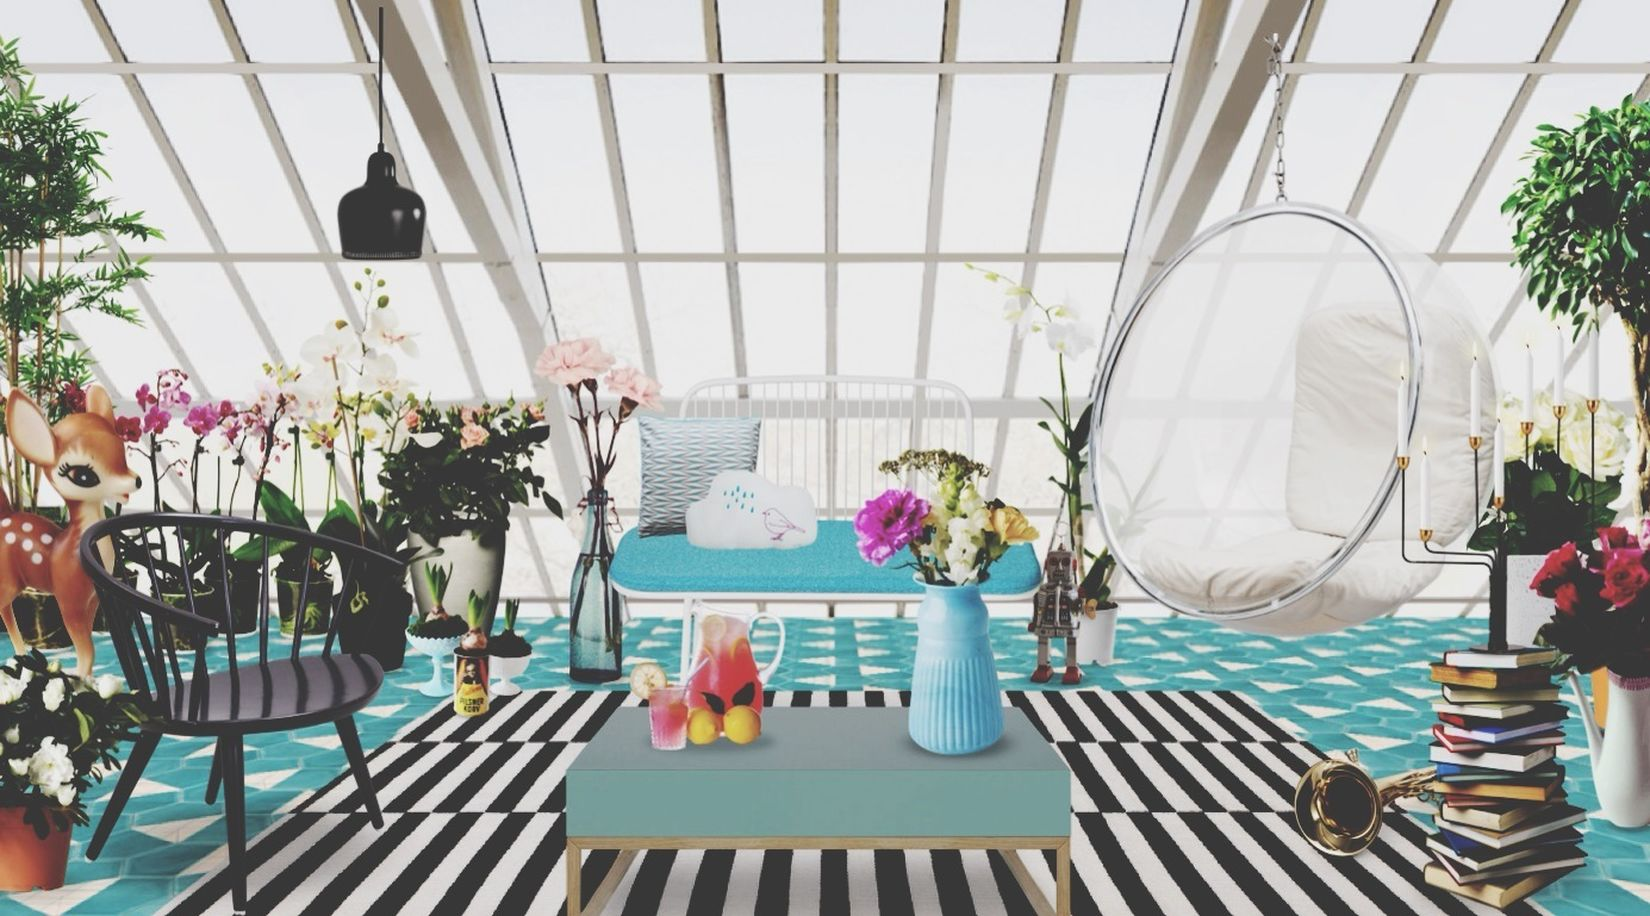 Architecture Interior Design Blue Neybers